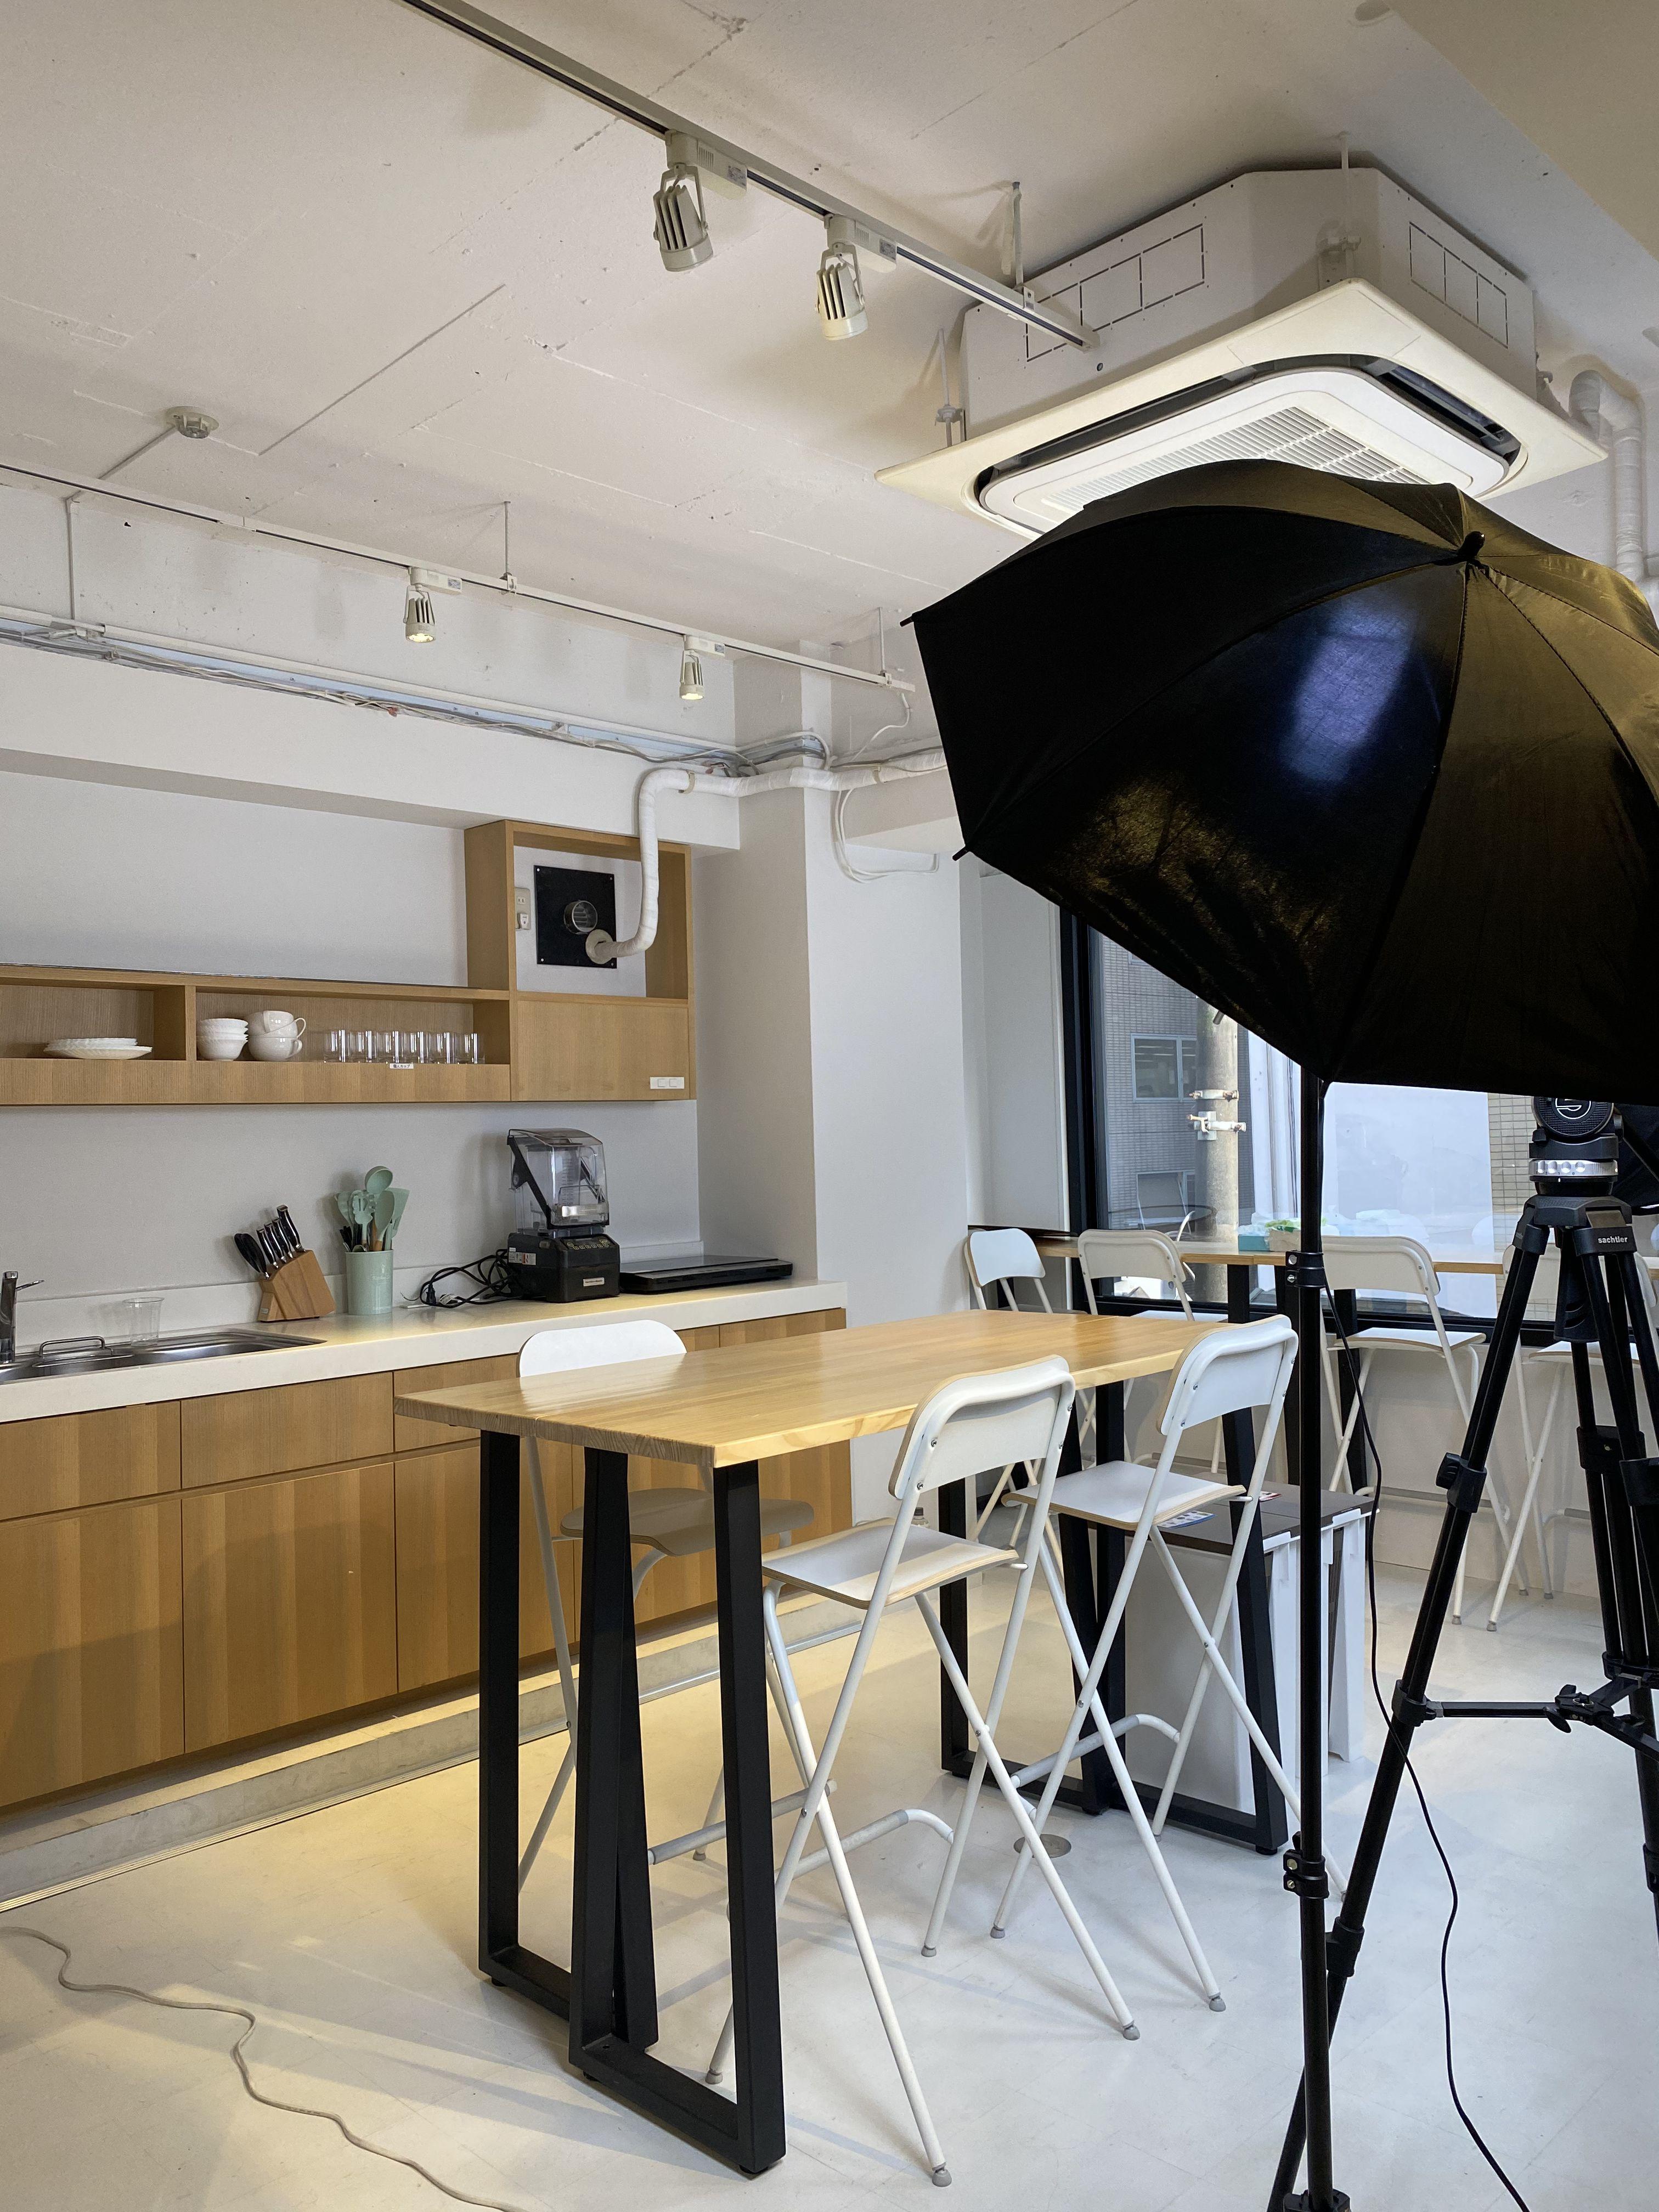 キッチンを使った撮影も本格的に出来ます - KIRKE(キルケ)スタジオ 個人撮影、料理撮影、会議室の室内の写真